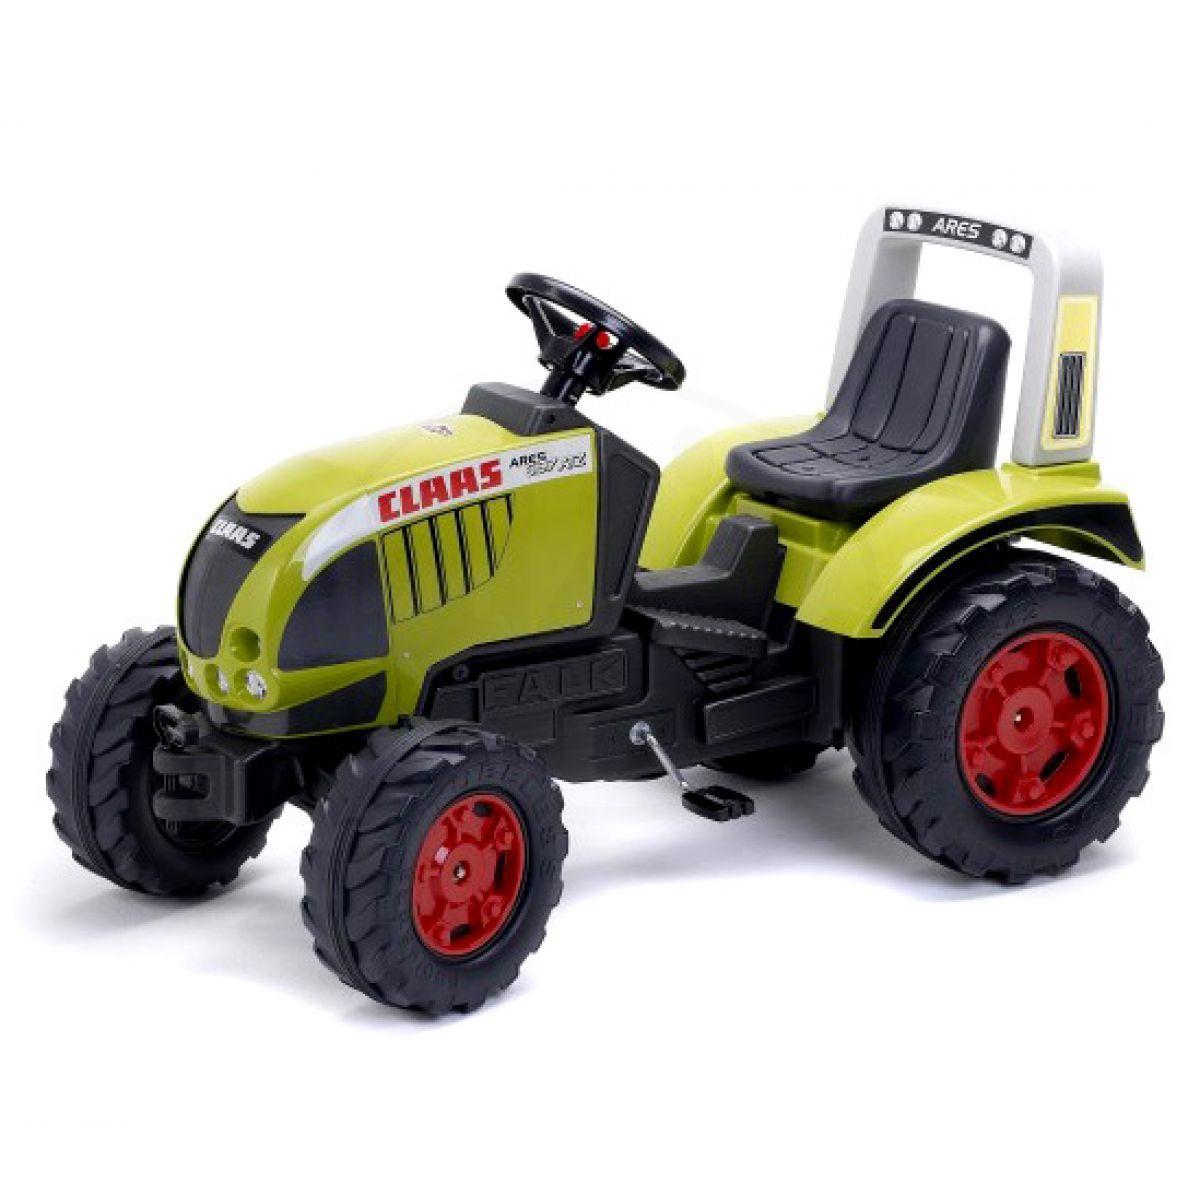 Falk Šlapací traktor Claas Arion zelený